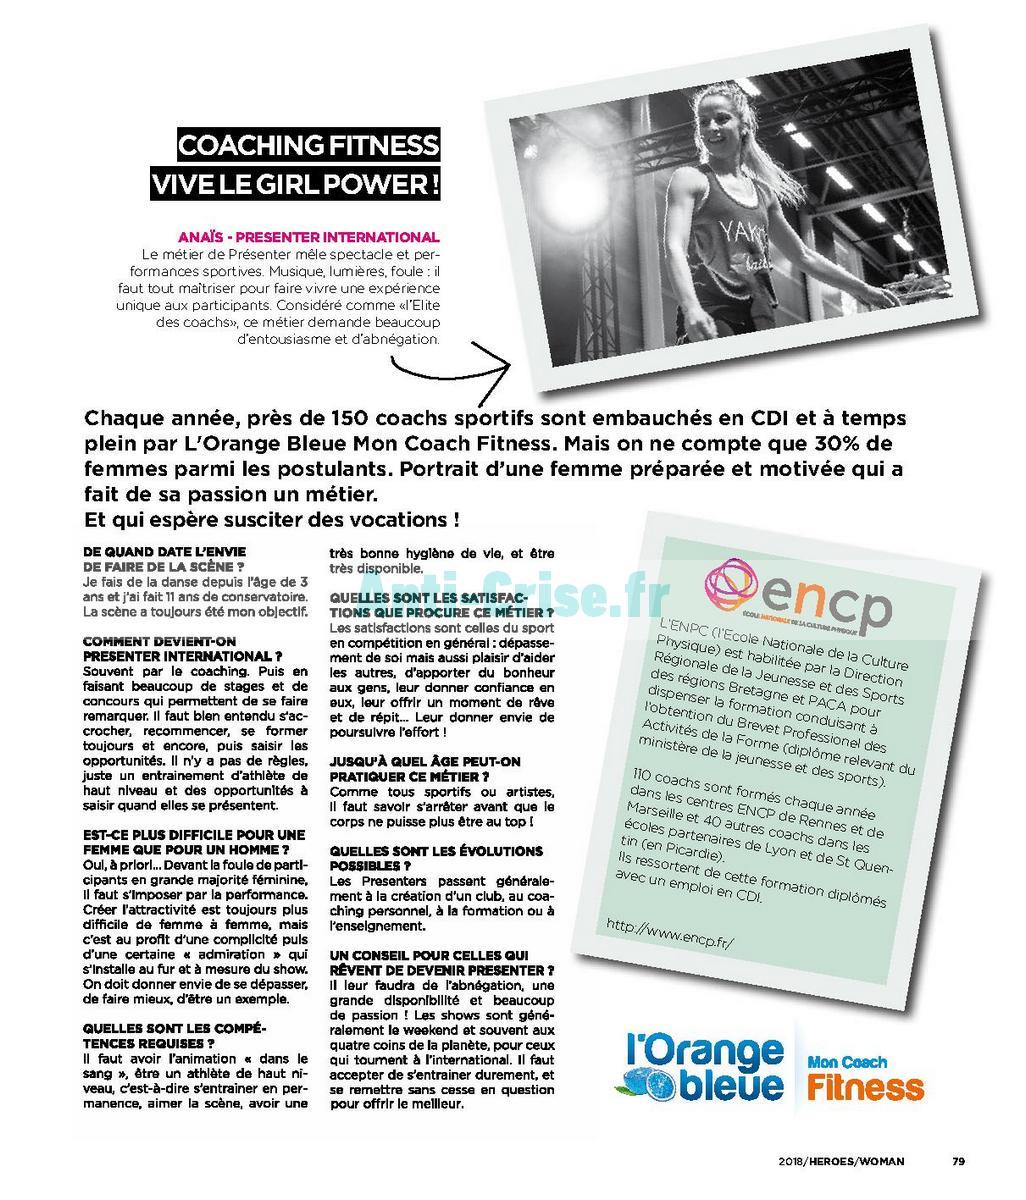 decembre2018 Catalogue Go Sport du 28 avril au 31 décembre 2018 (Spécial Femme) (79)